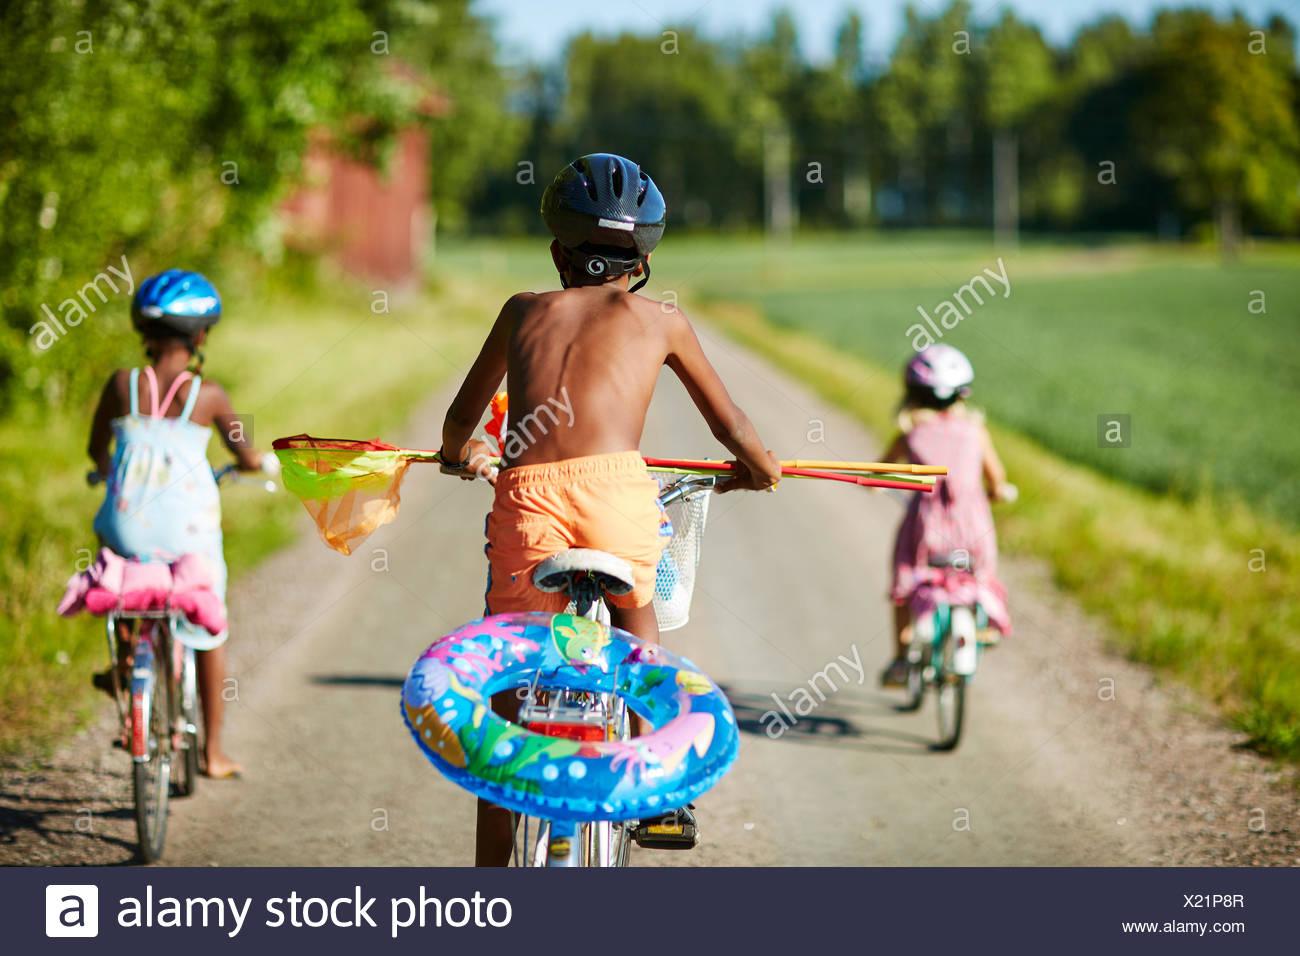 Les enfants à vélo sur une route rurale à Gullspang, Suède Photo Stock